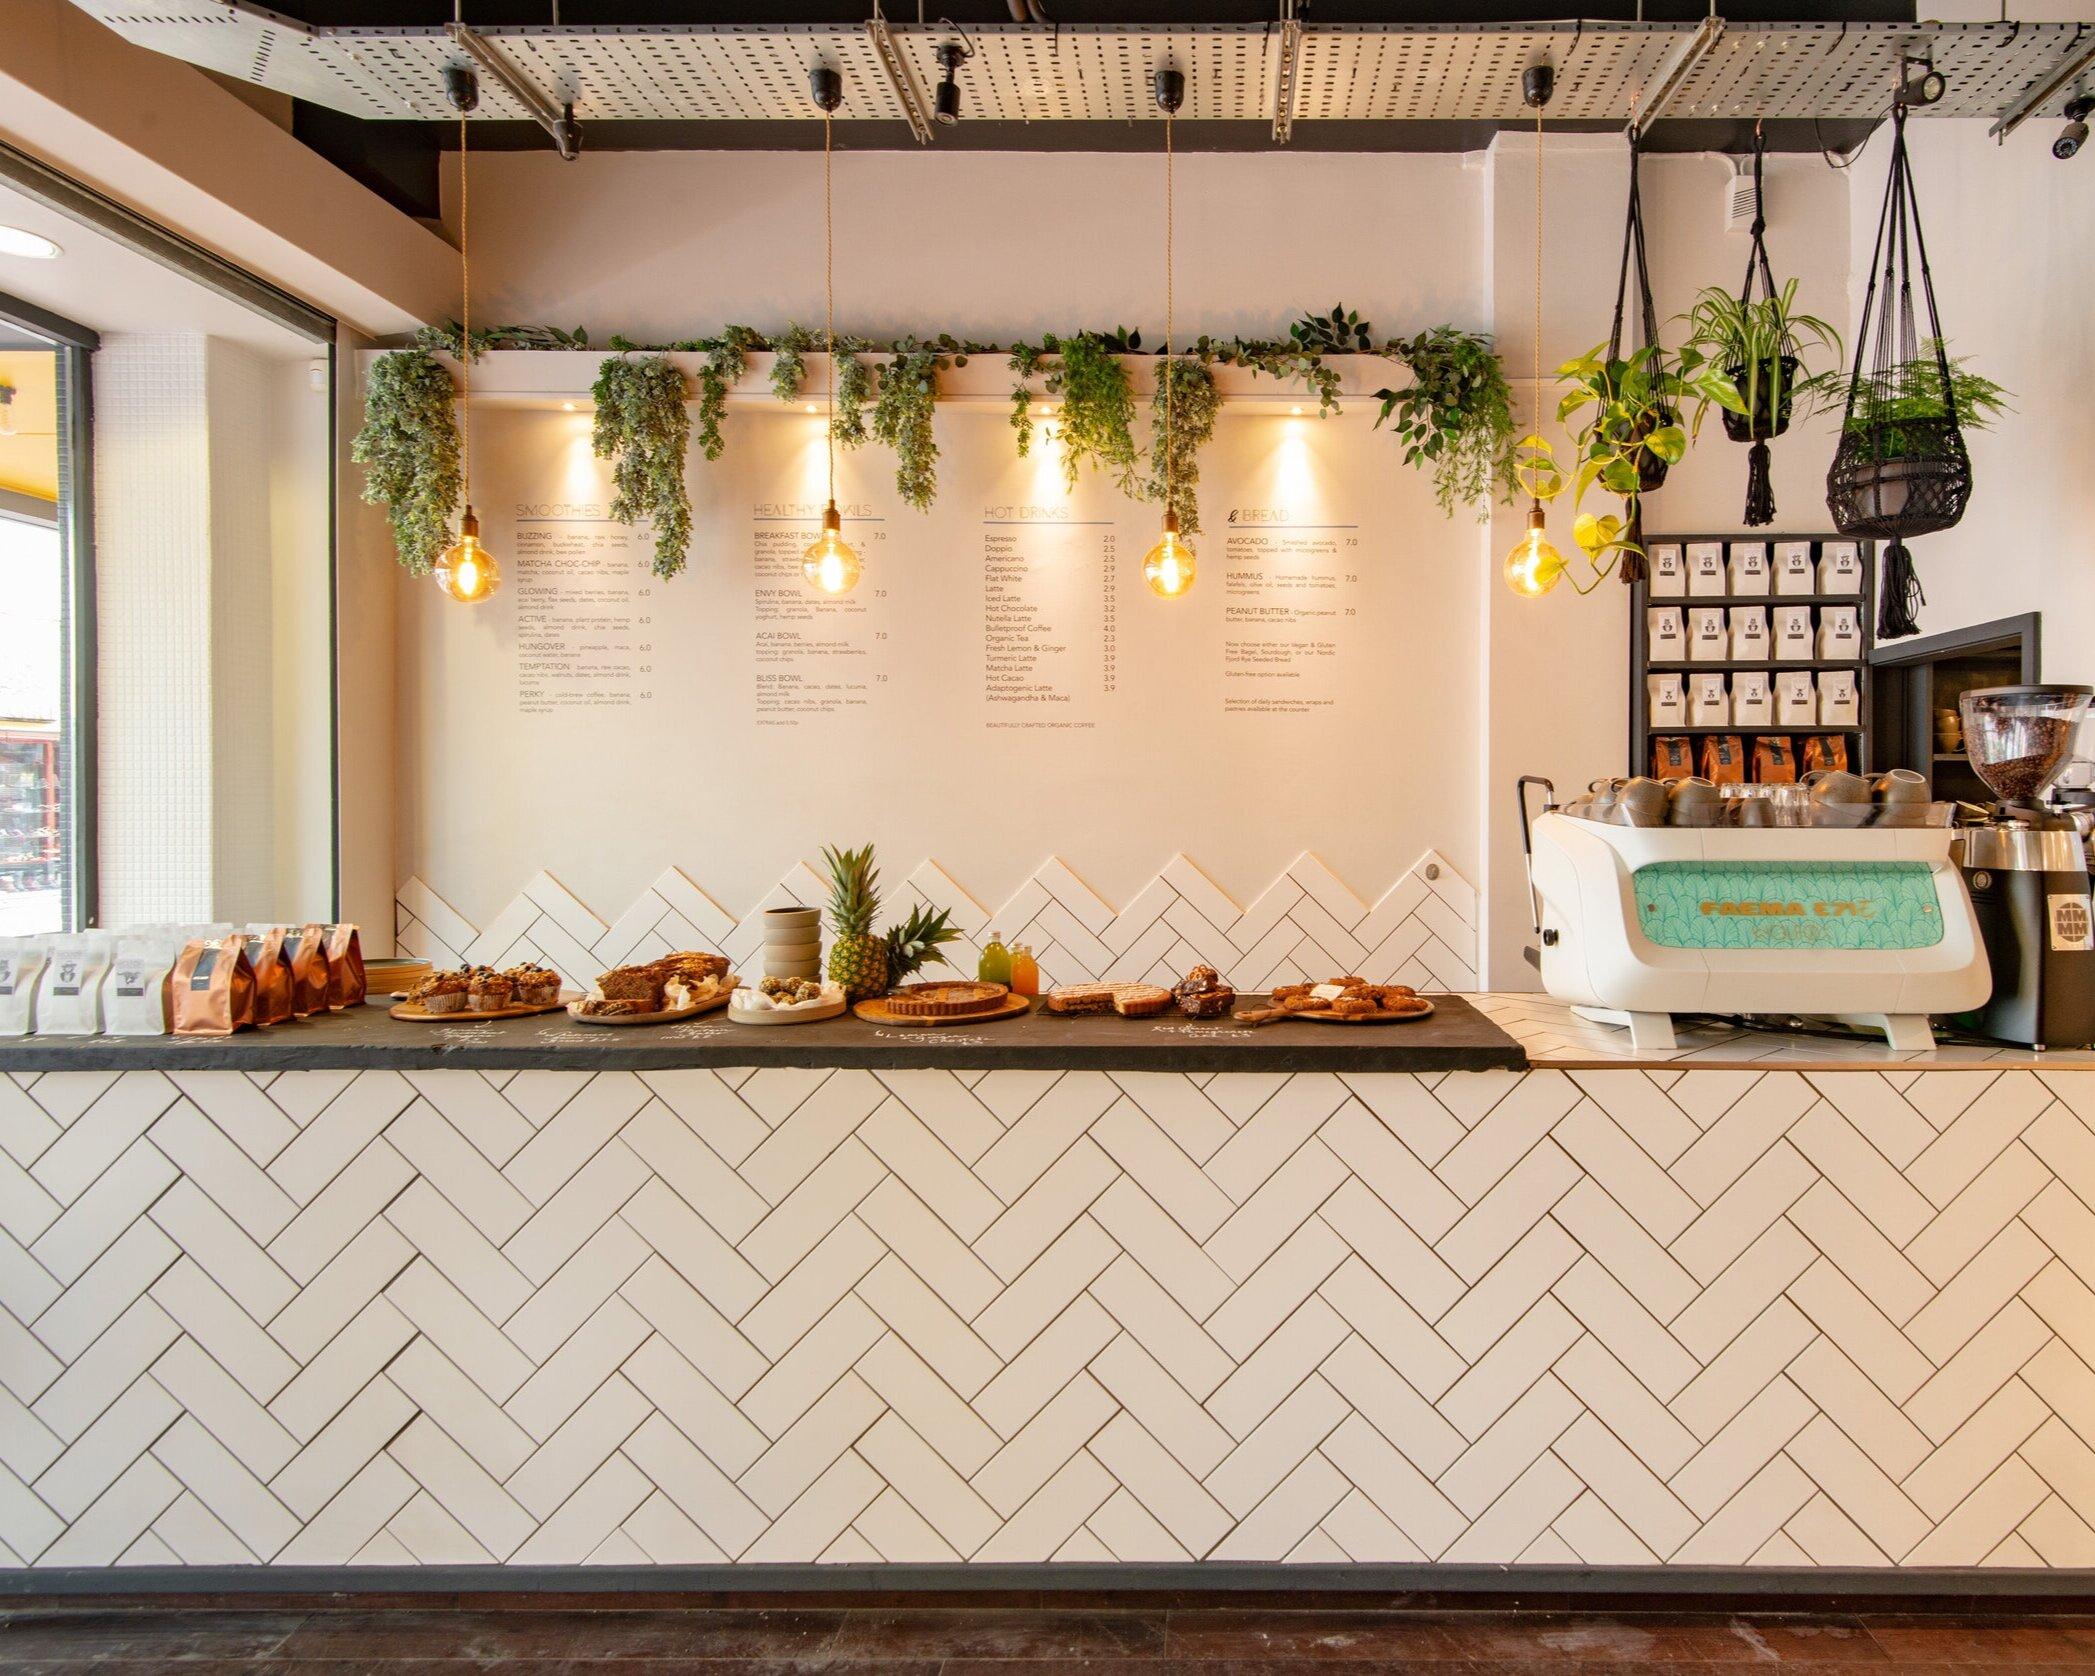 WOLFOX HEALTH CAFE - BRIGHTON  ( 27 Preston Street, Brighton, BN1 2HP )   BRUNCH & DINNER MENU   EMAIL  info@wolfox.co.uk